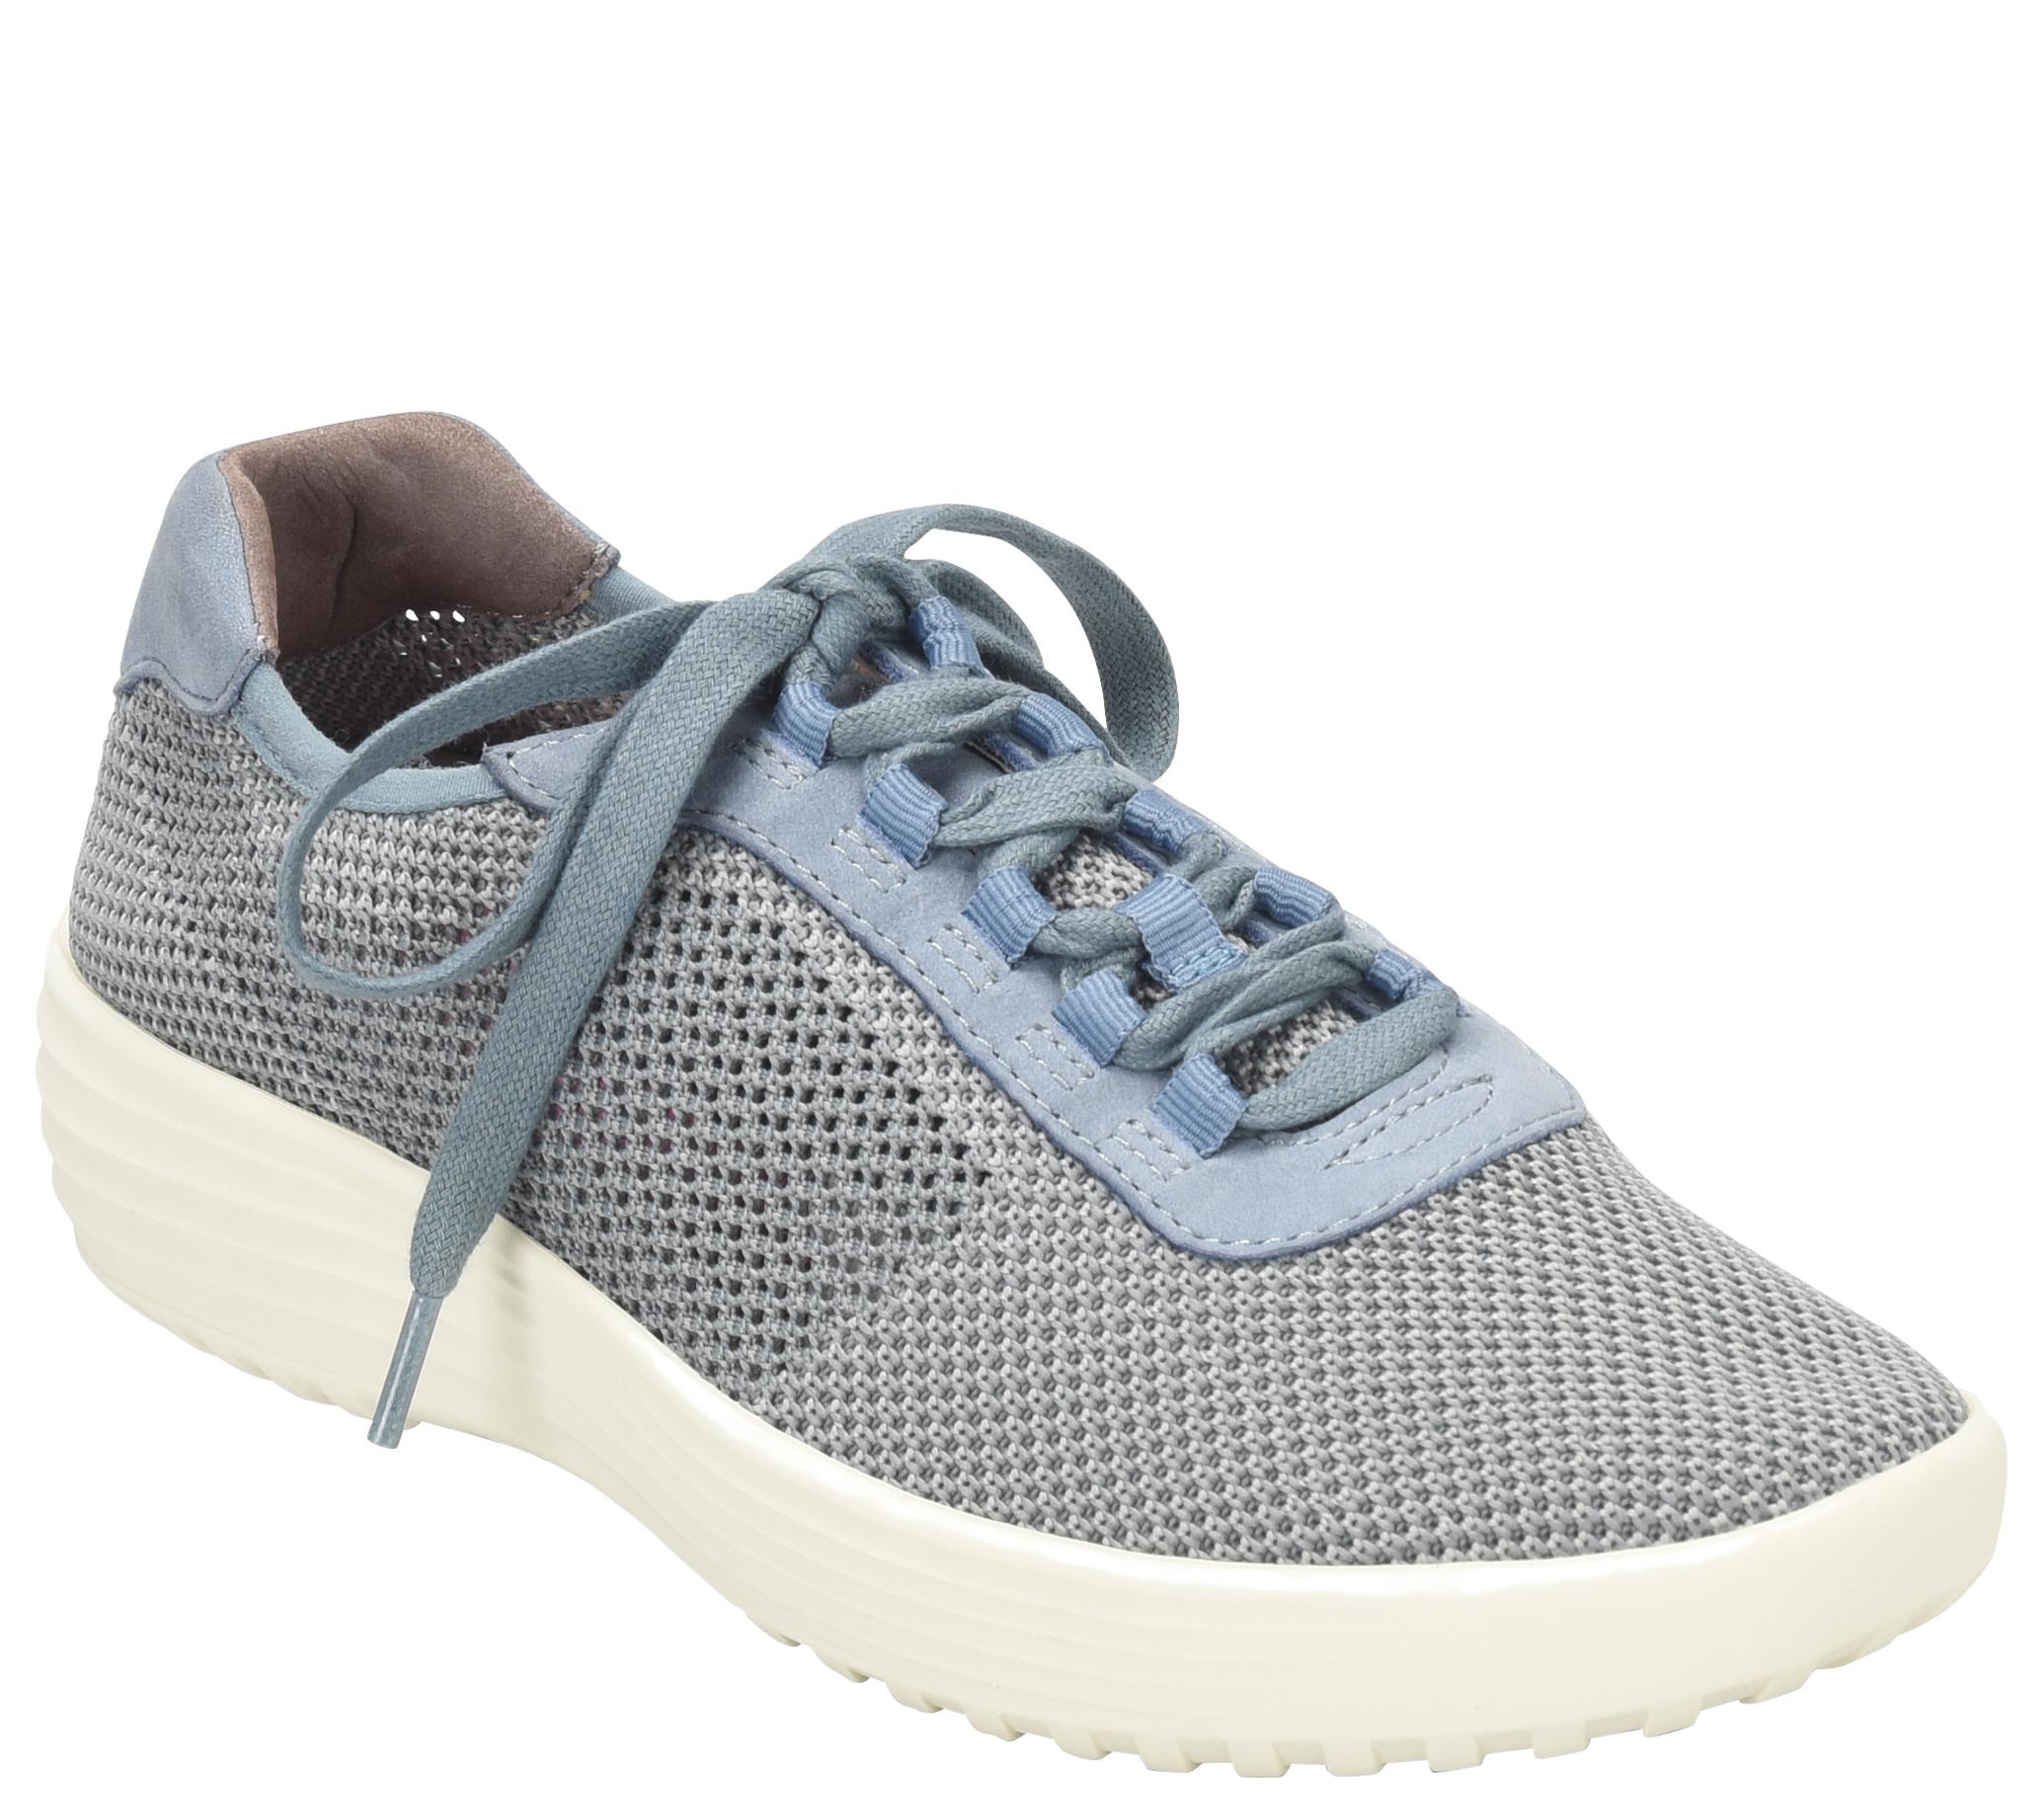 bionica Malibu Sneaker